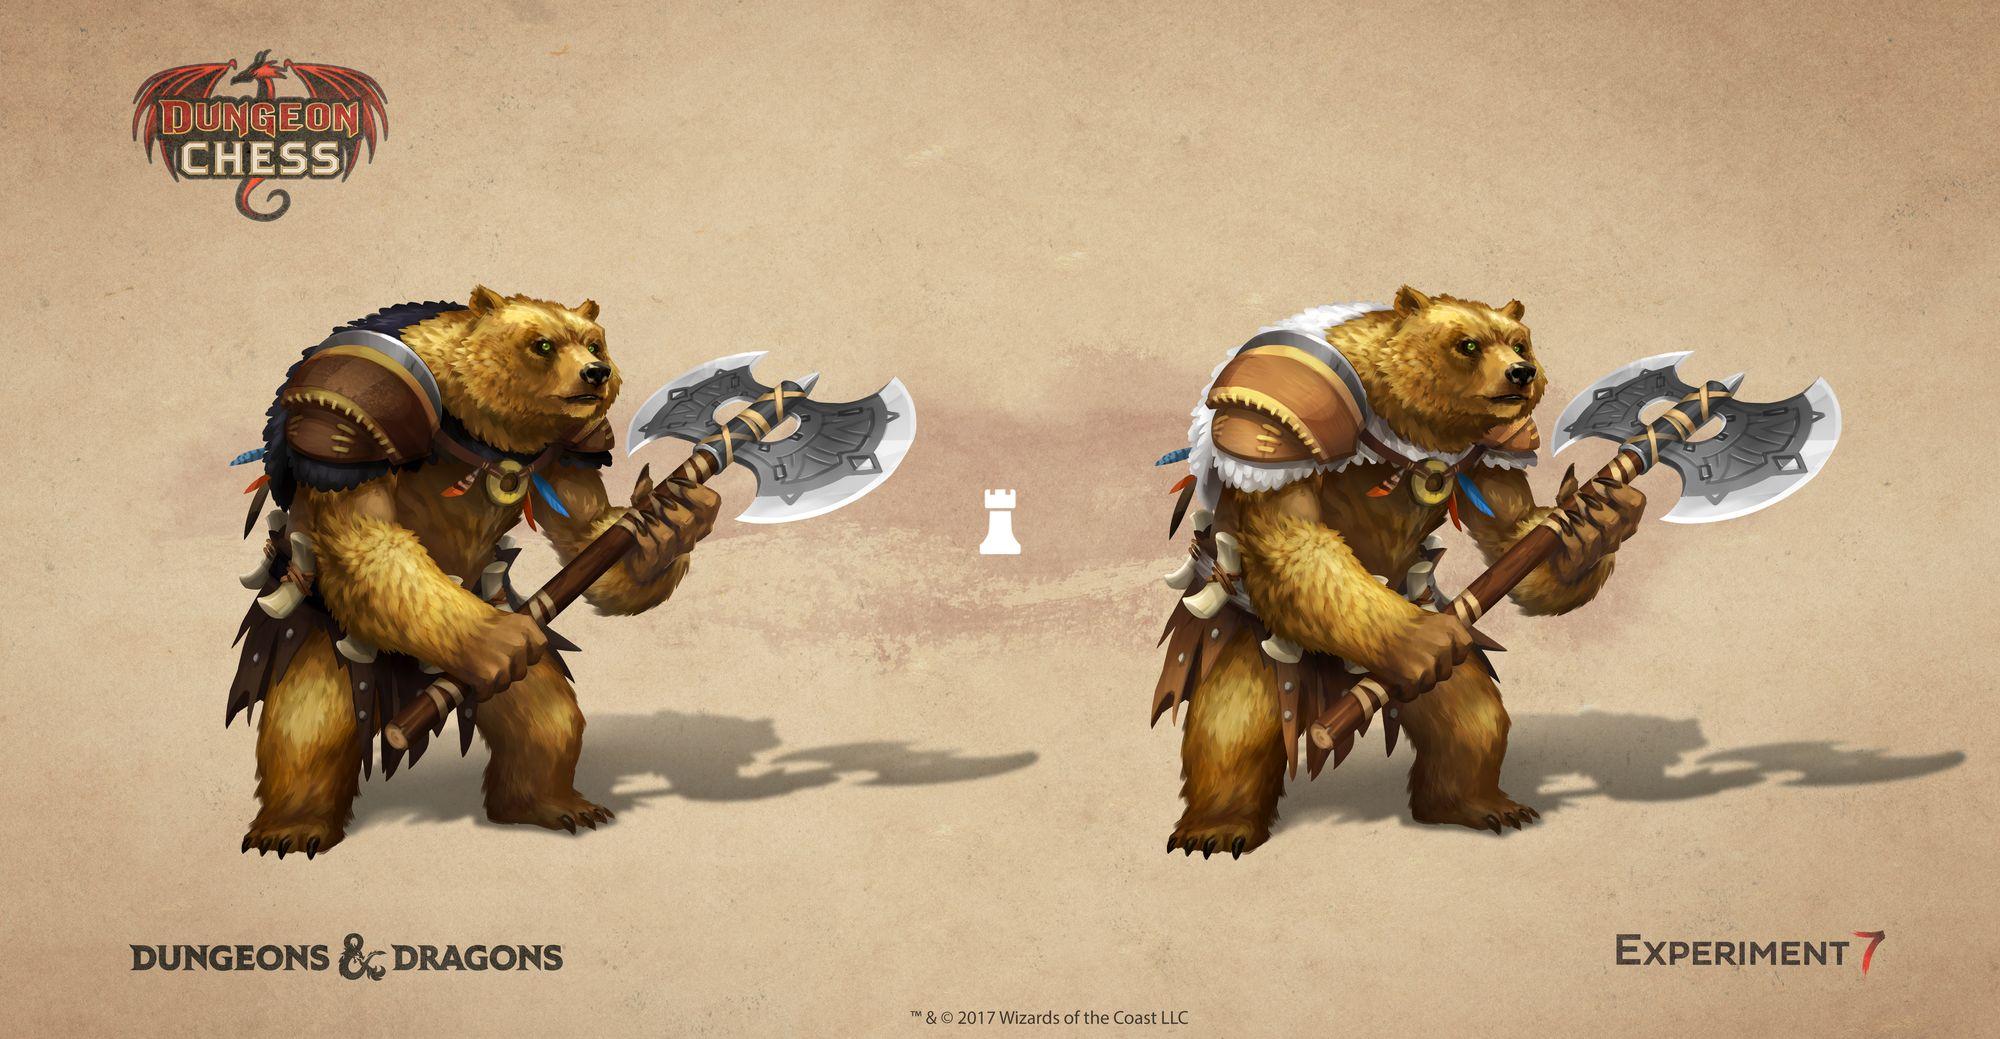 DungeonChess_Werebear_small.jpg